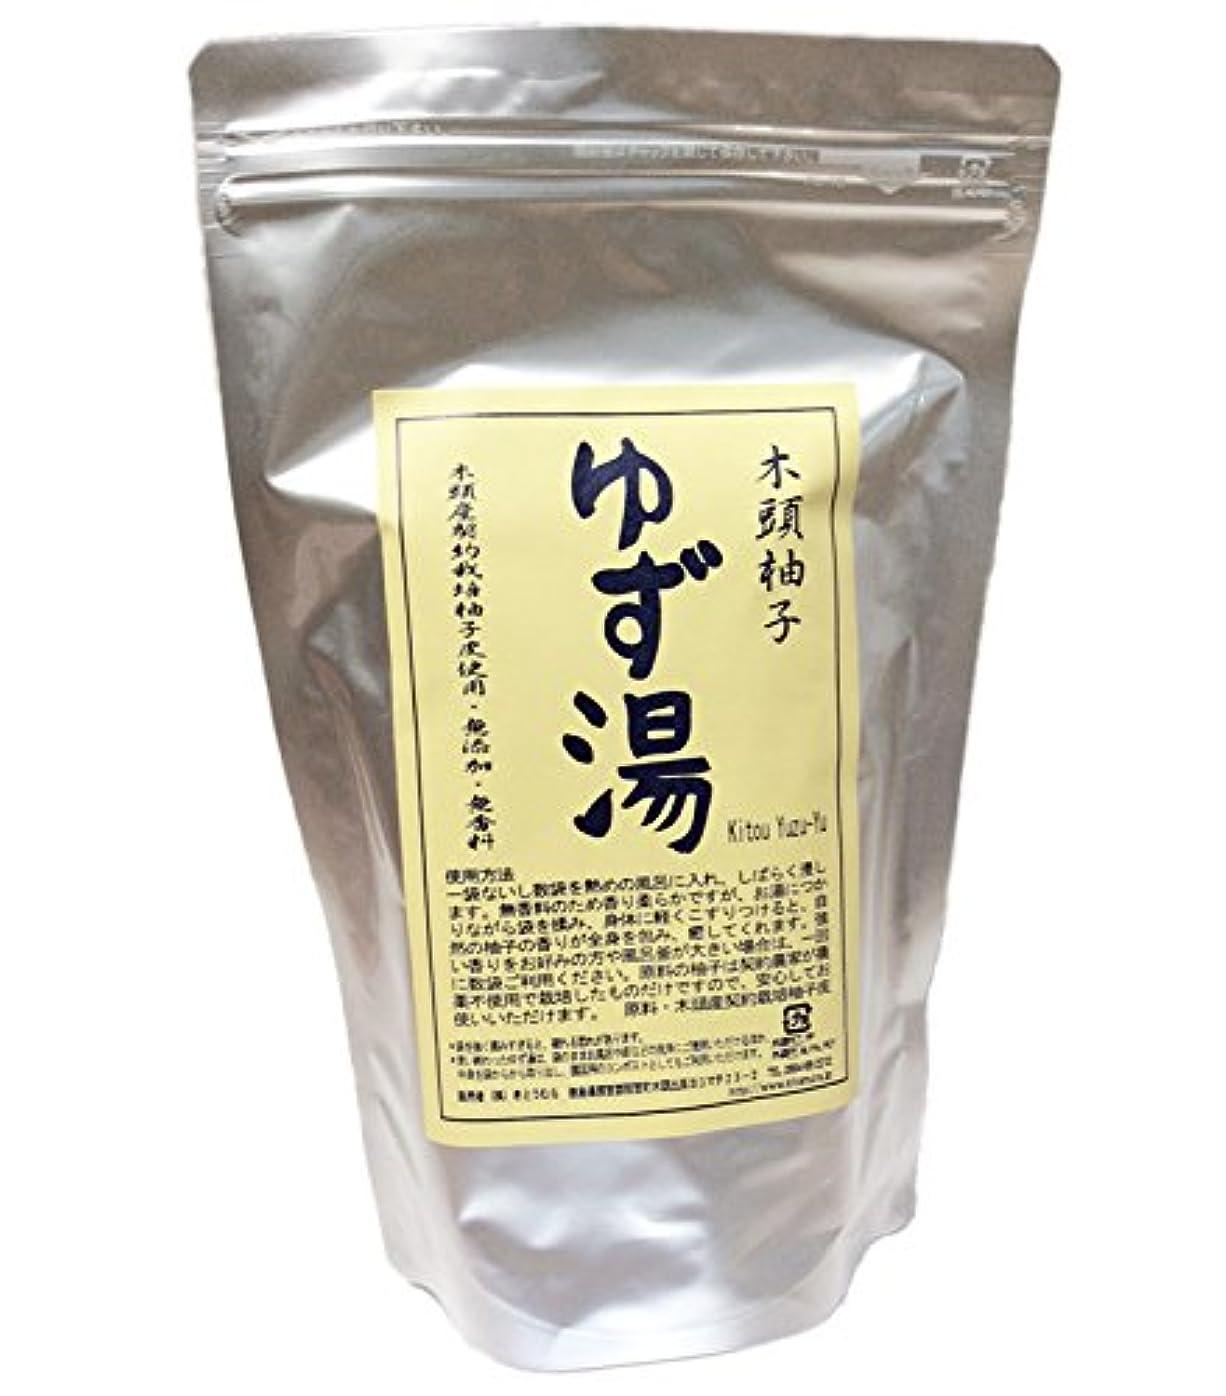 フェード明るくする甘味きとうむら オーガニック 木頭柚子ゆず湯 (徳用) 30g×15パック入